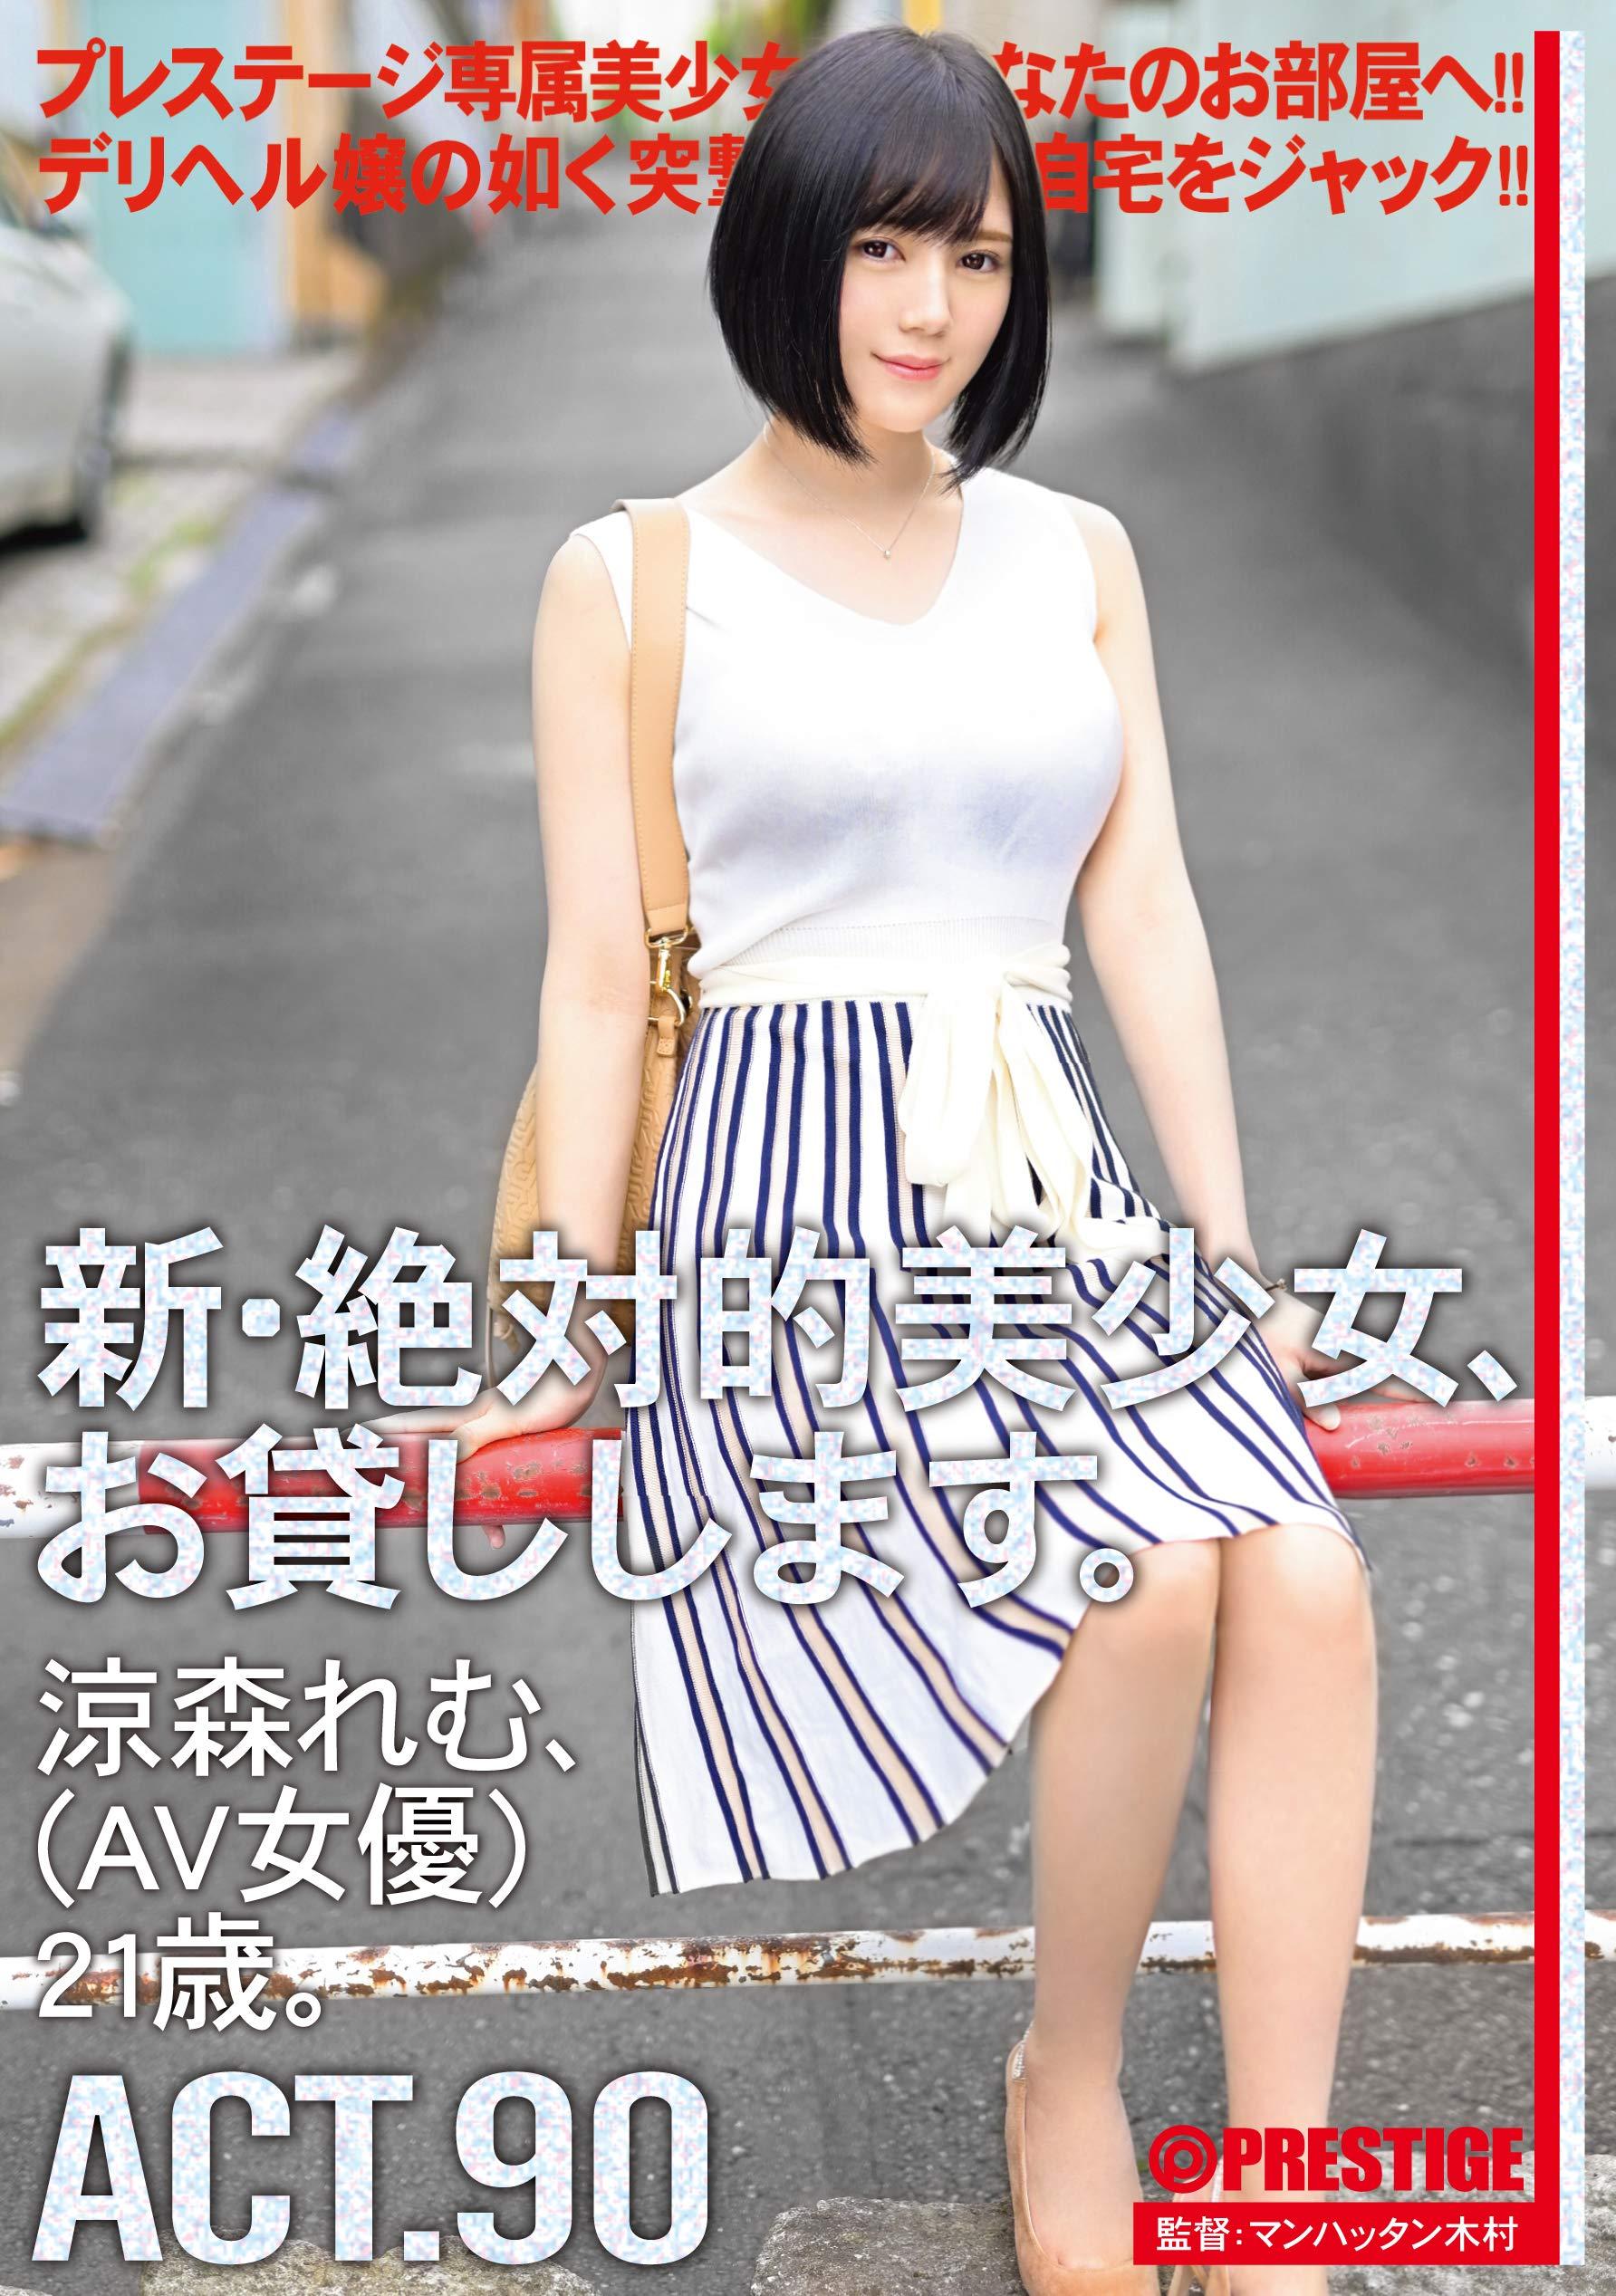 image http://scanlover.com/assets/images/10670-mlG3bTzN13yKjhEy.jpeg